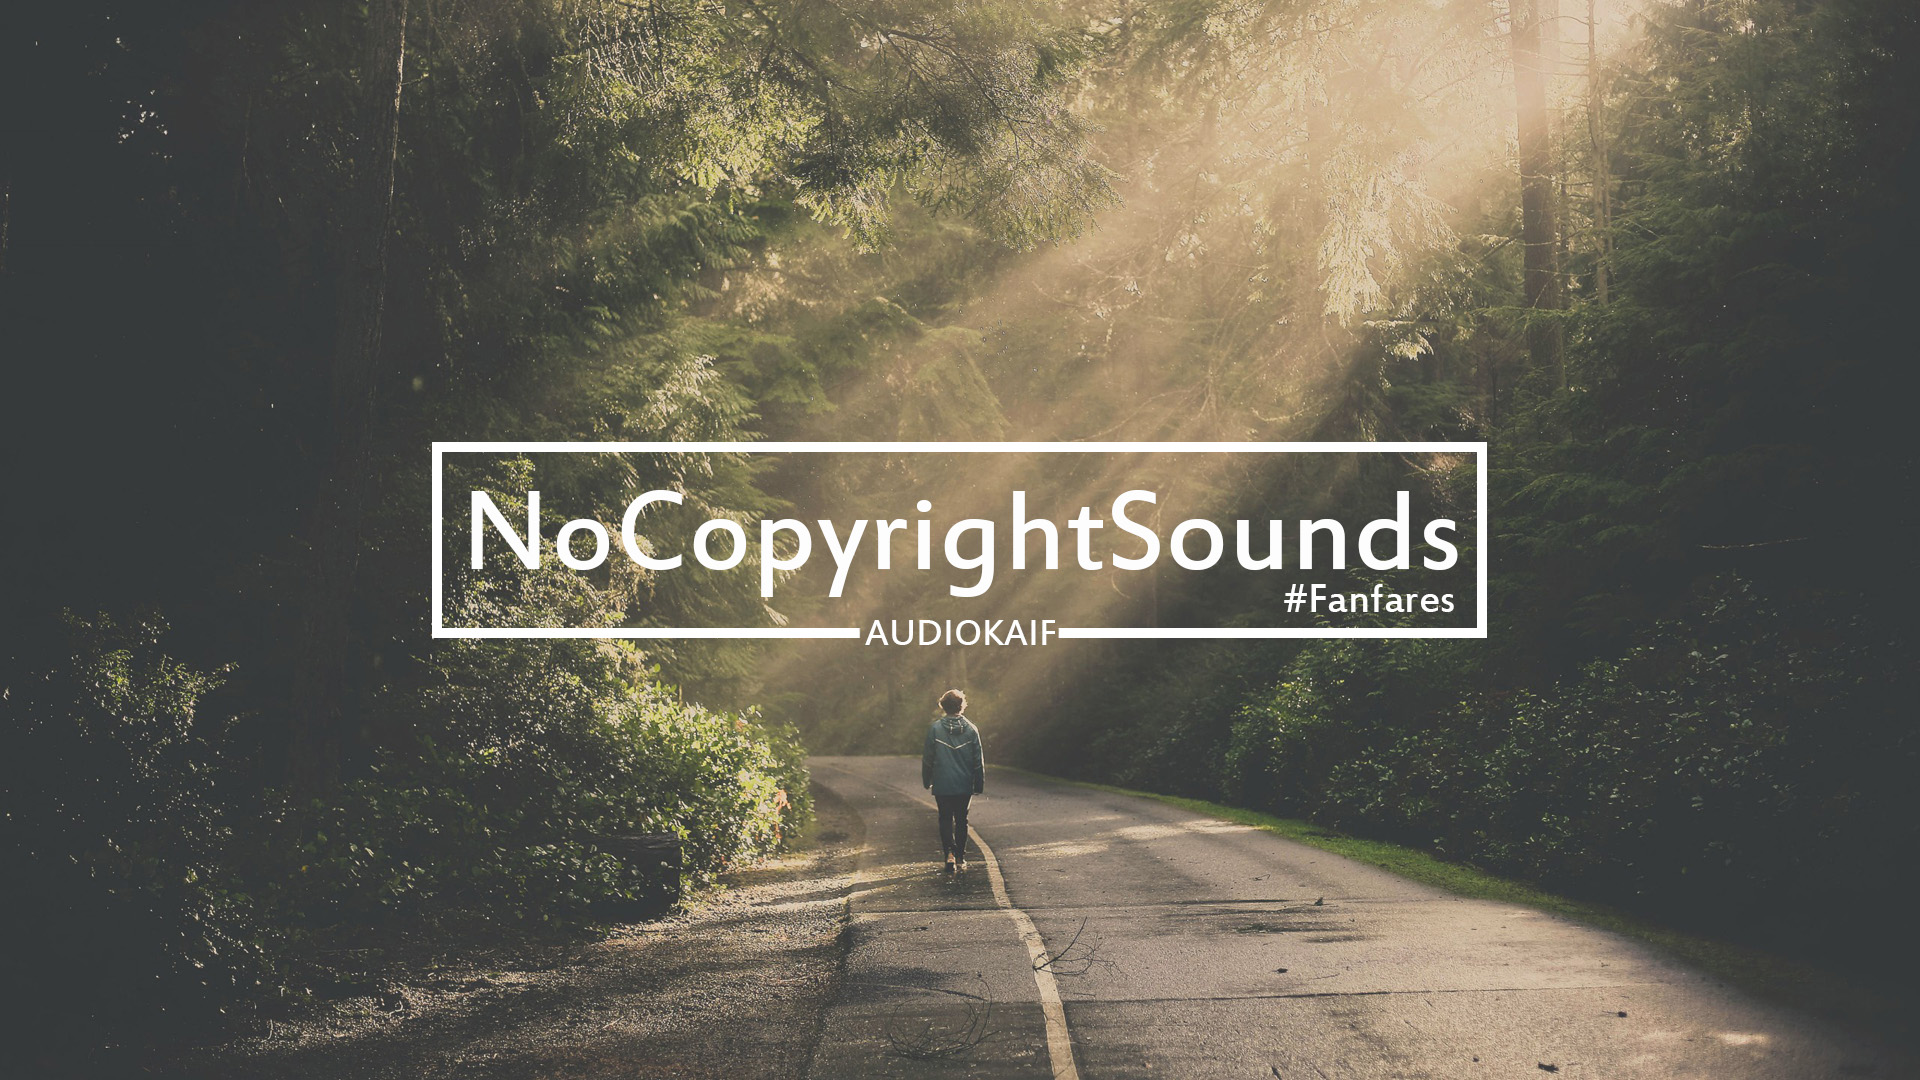 Музыка без авторского права / Auld Lang Syne / Fanfares / музыка ютуб видео